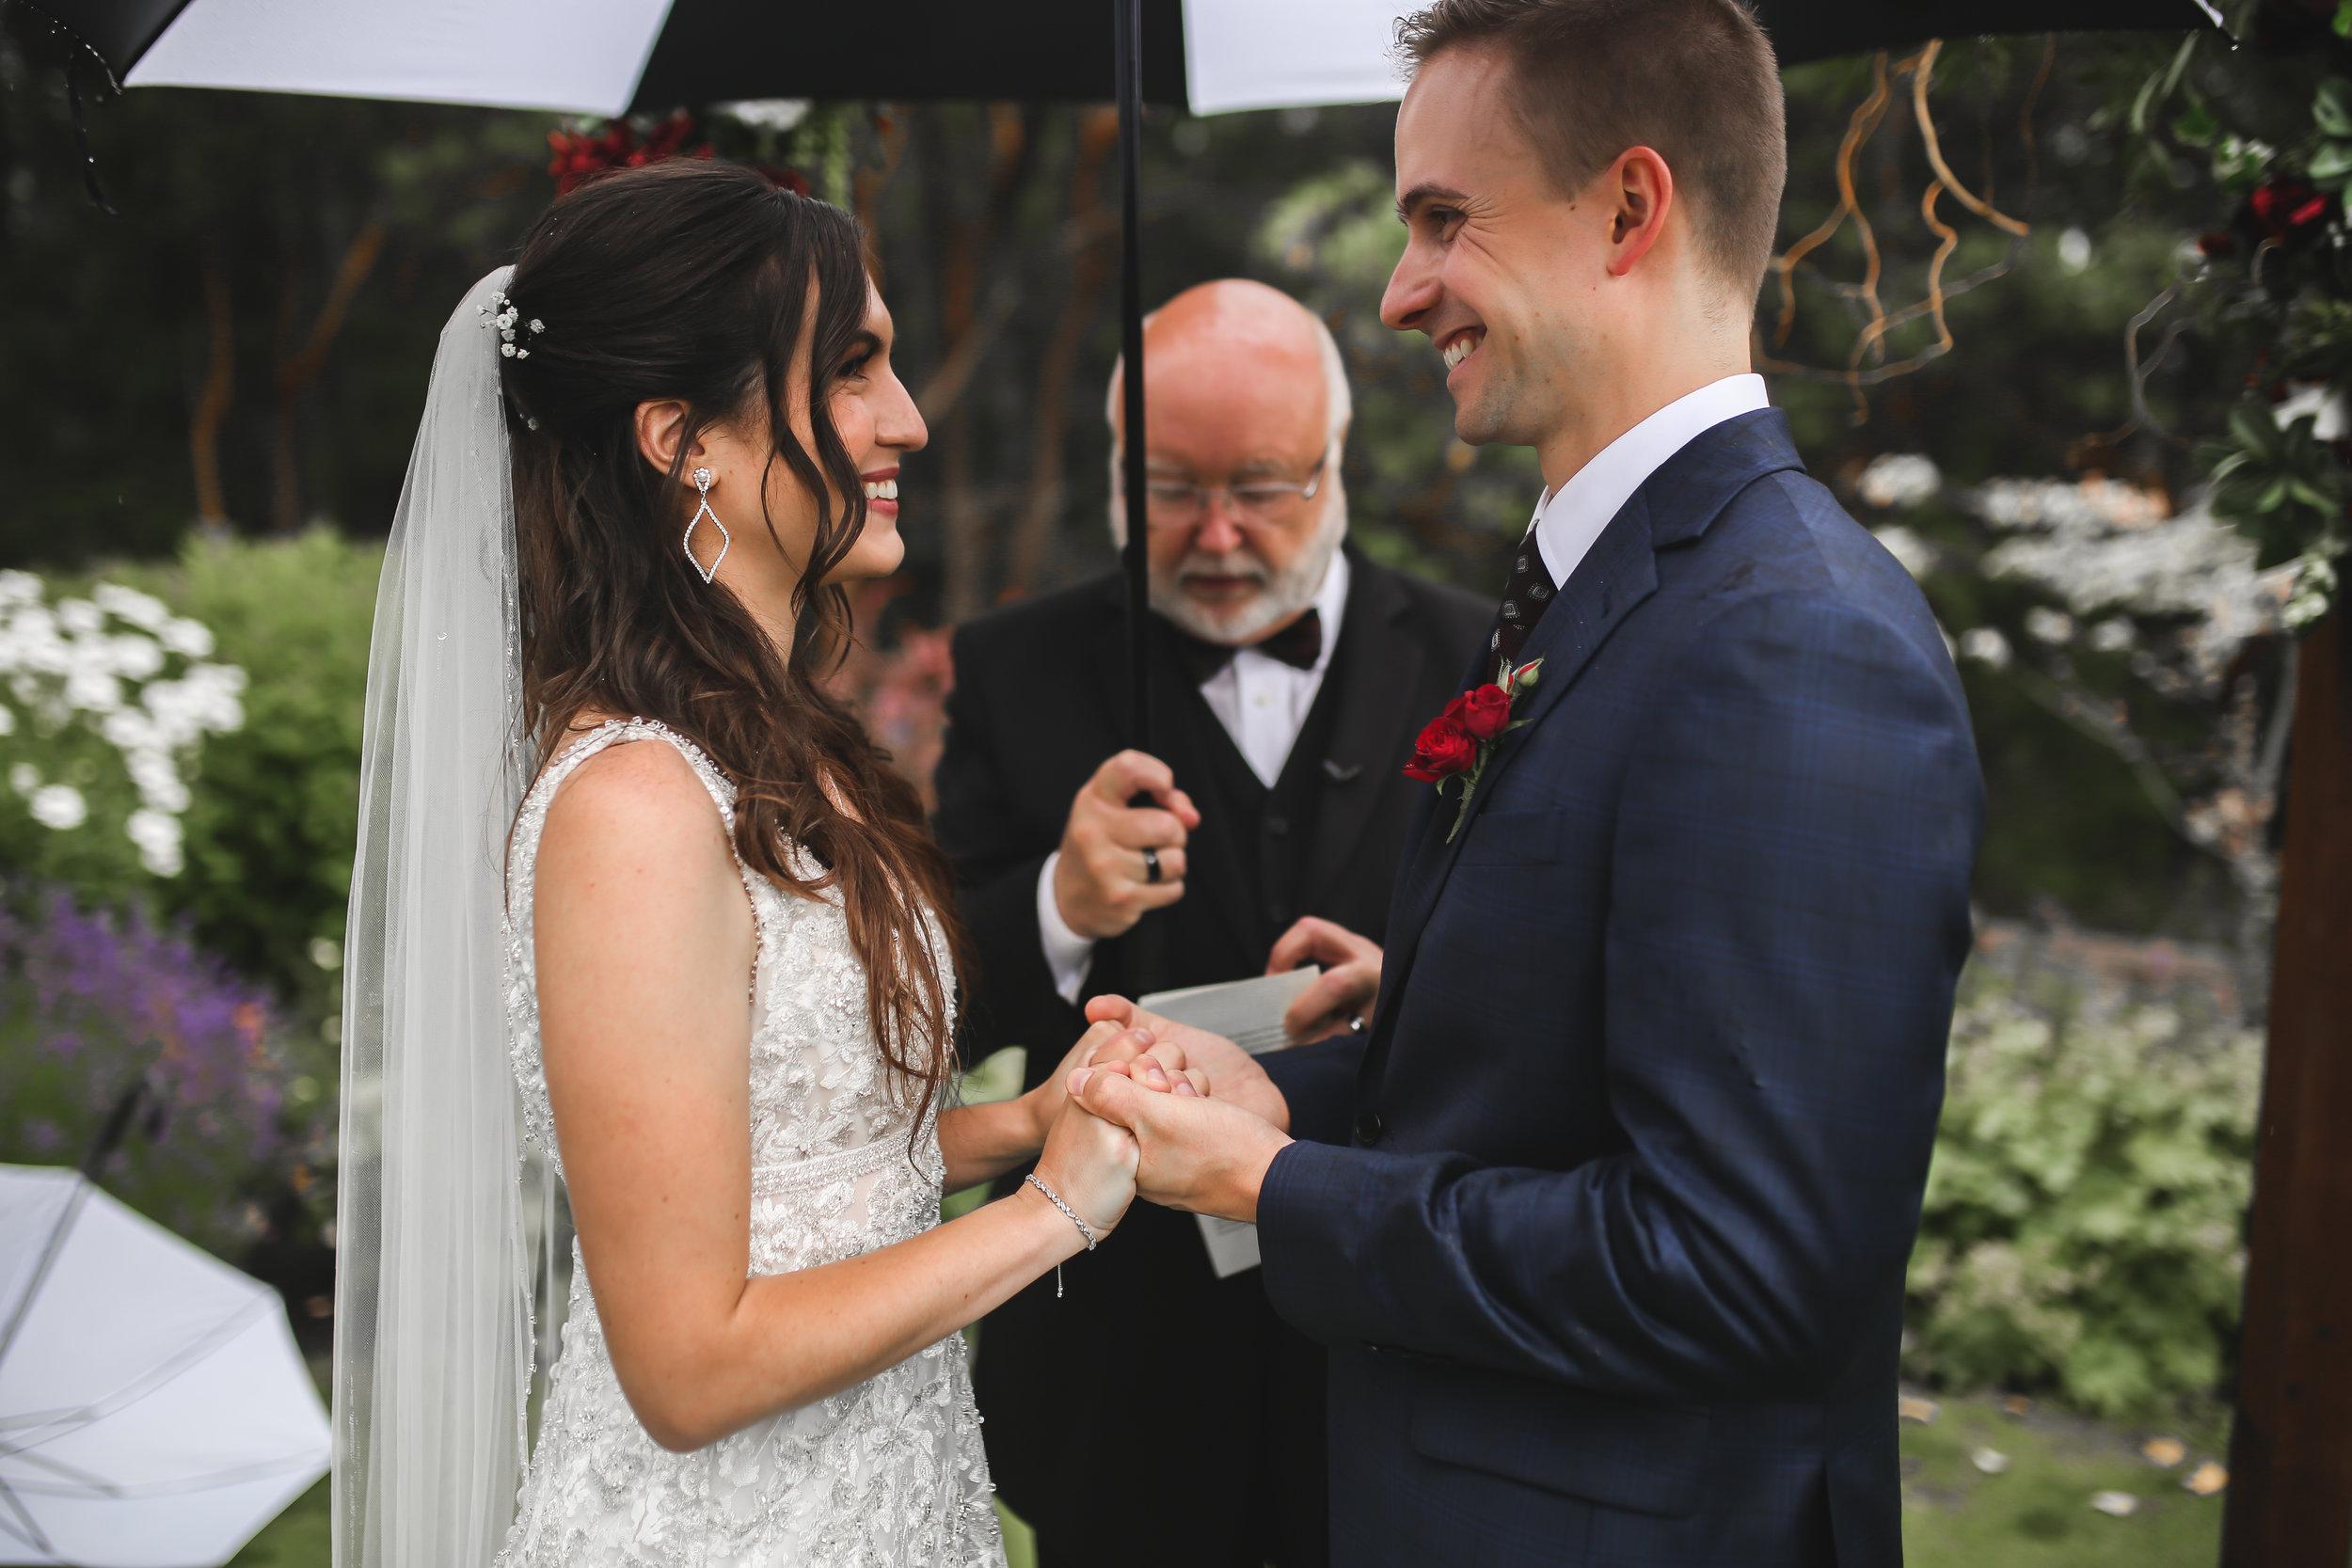 59 Adam Ziorio Photography - Allison & Austin's Wedding.jpg